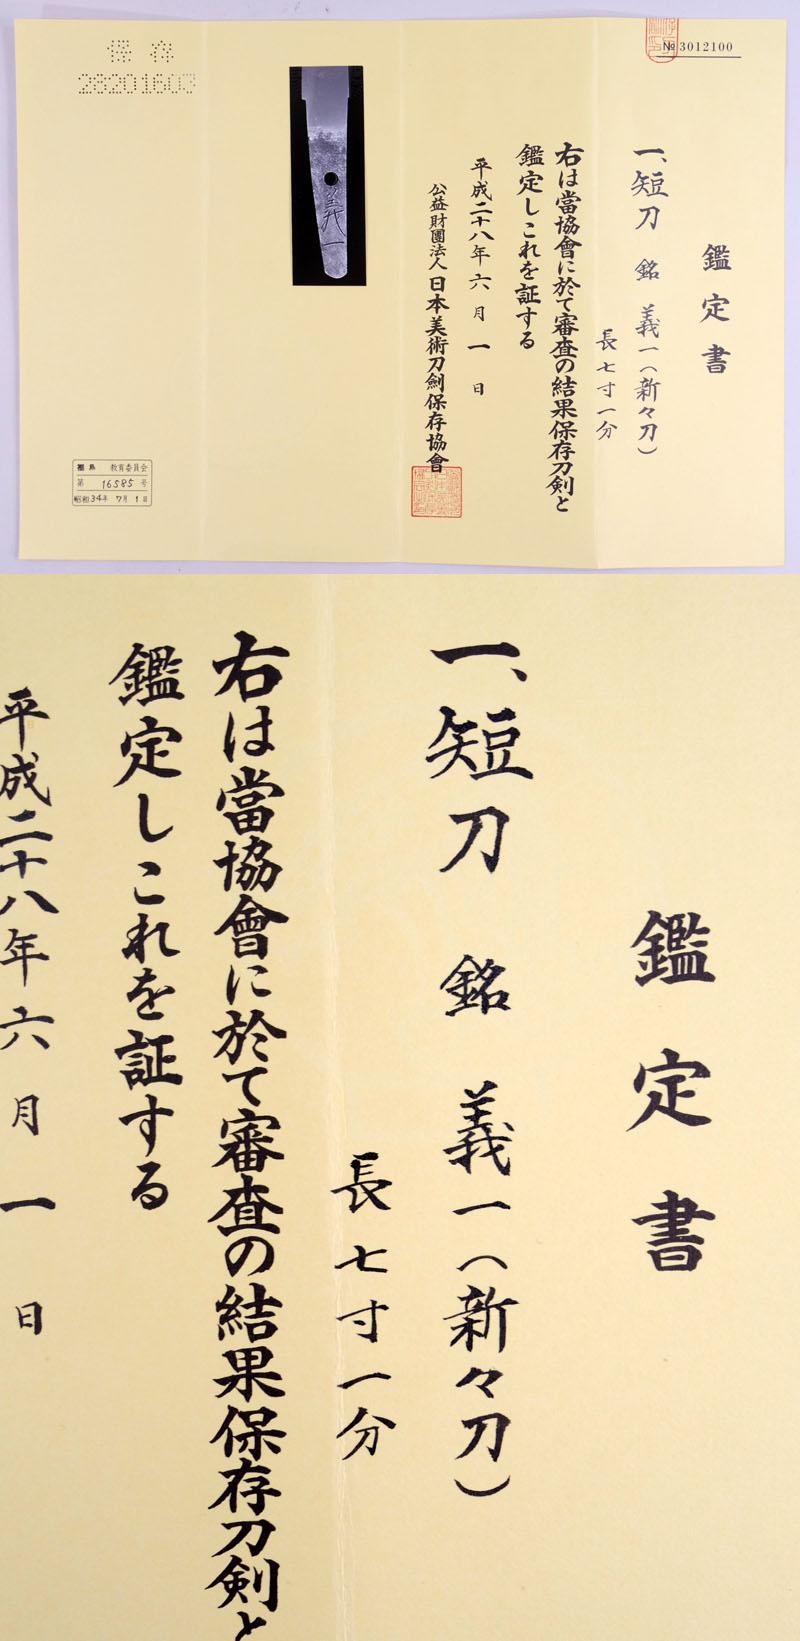 義一 Picture of Certificate